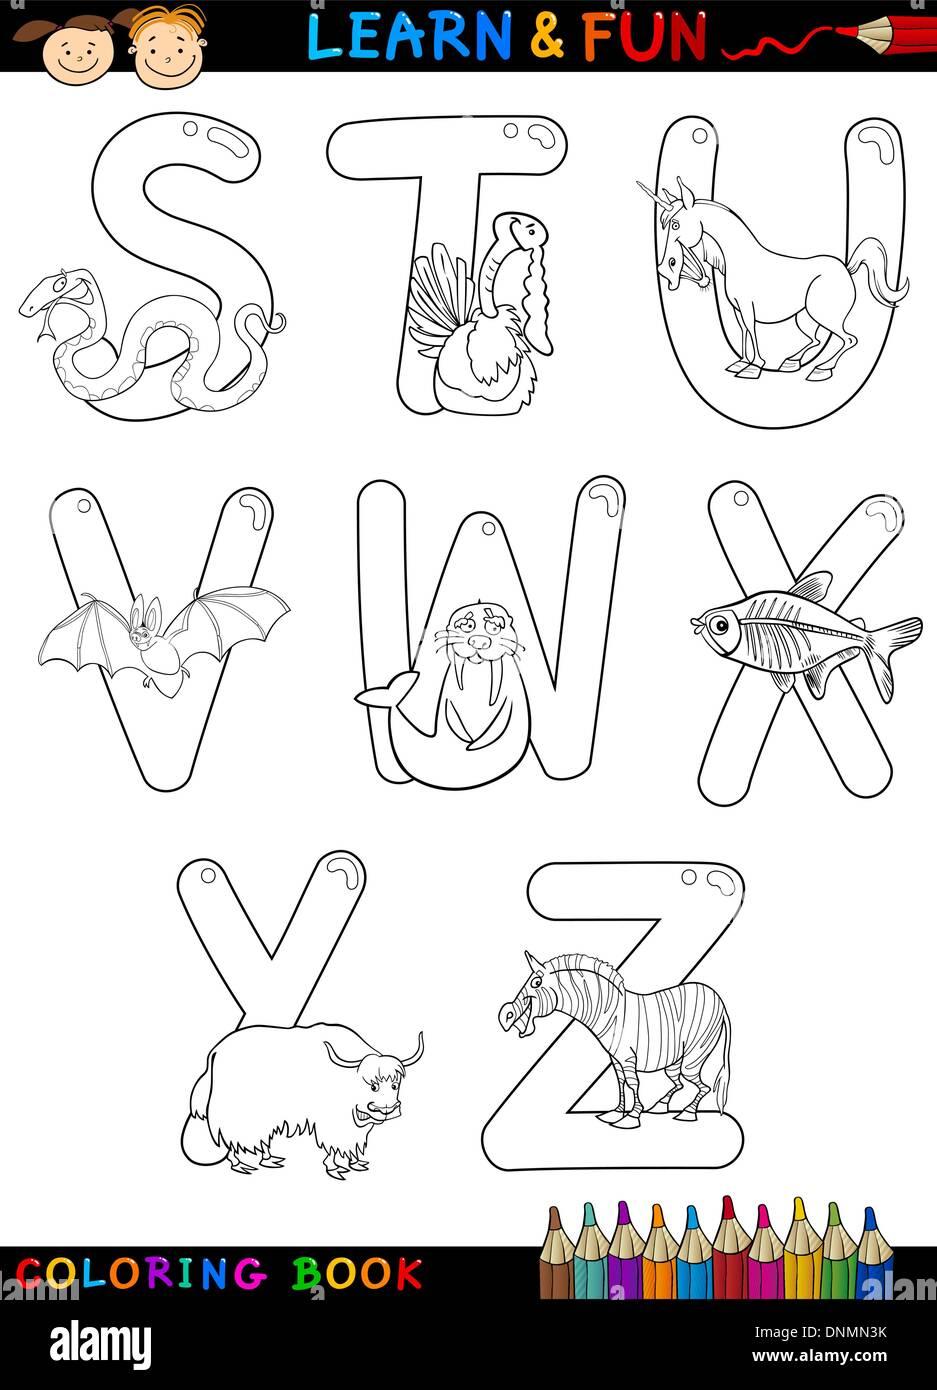 Alfabeto Cartoon Libro Da Colorare O Pagina Impostati Con Animali Divertenti Per Bambini Educazione E Divertimento Immagine E Vettoriale Alamy